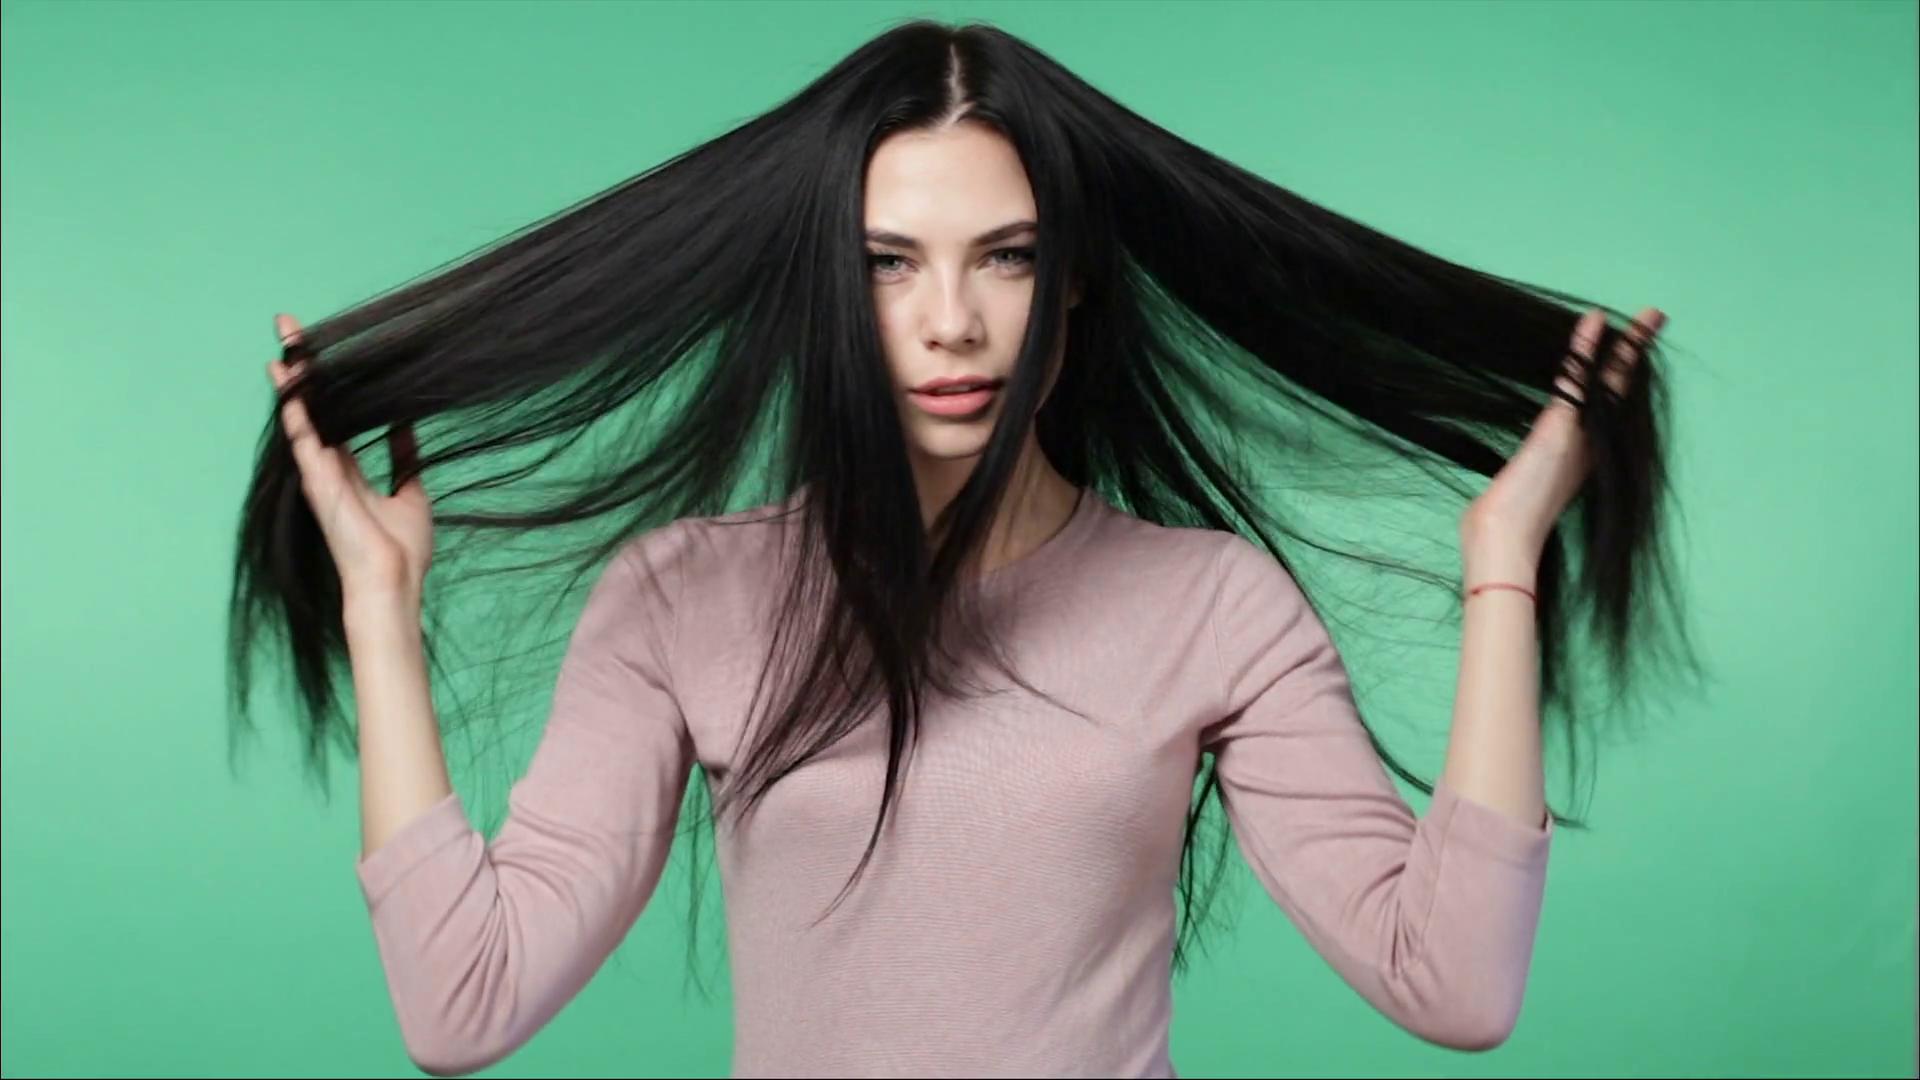 افضل فيتامينات لتطويل الشعر وتكثيفه بسرعة